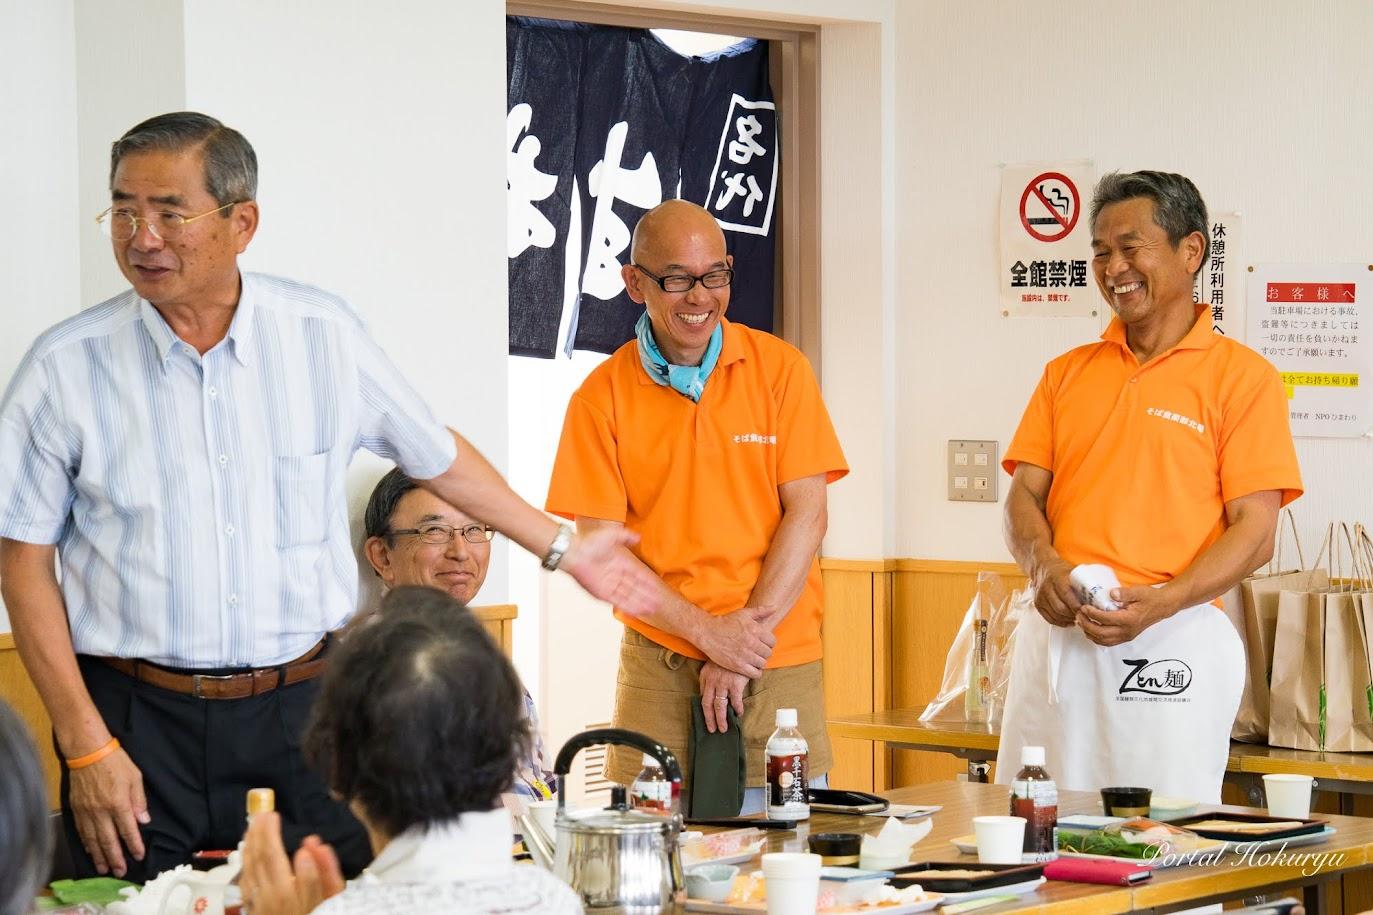 左:高橋利昌 副町長、右:加藤宰さん(北竜消防団団長)